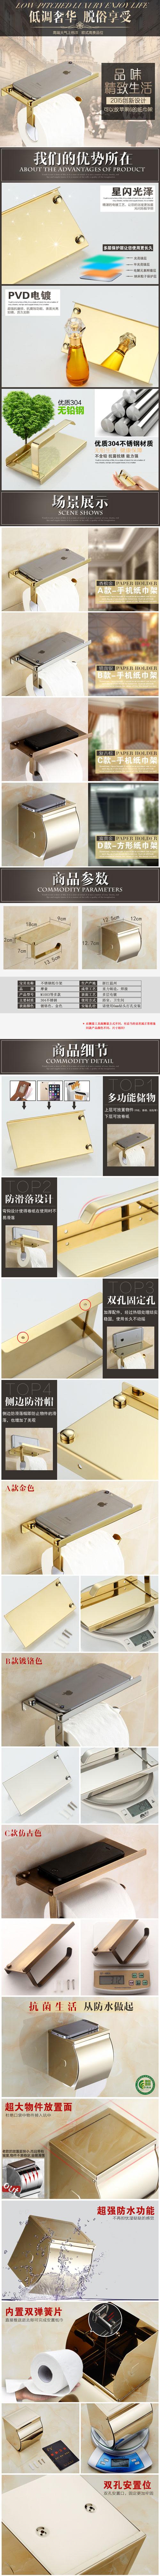 淘宝纸巾盒详情页面设计PSD素材